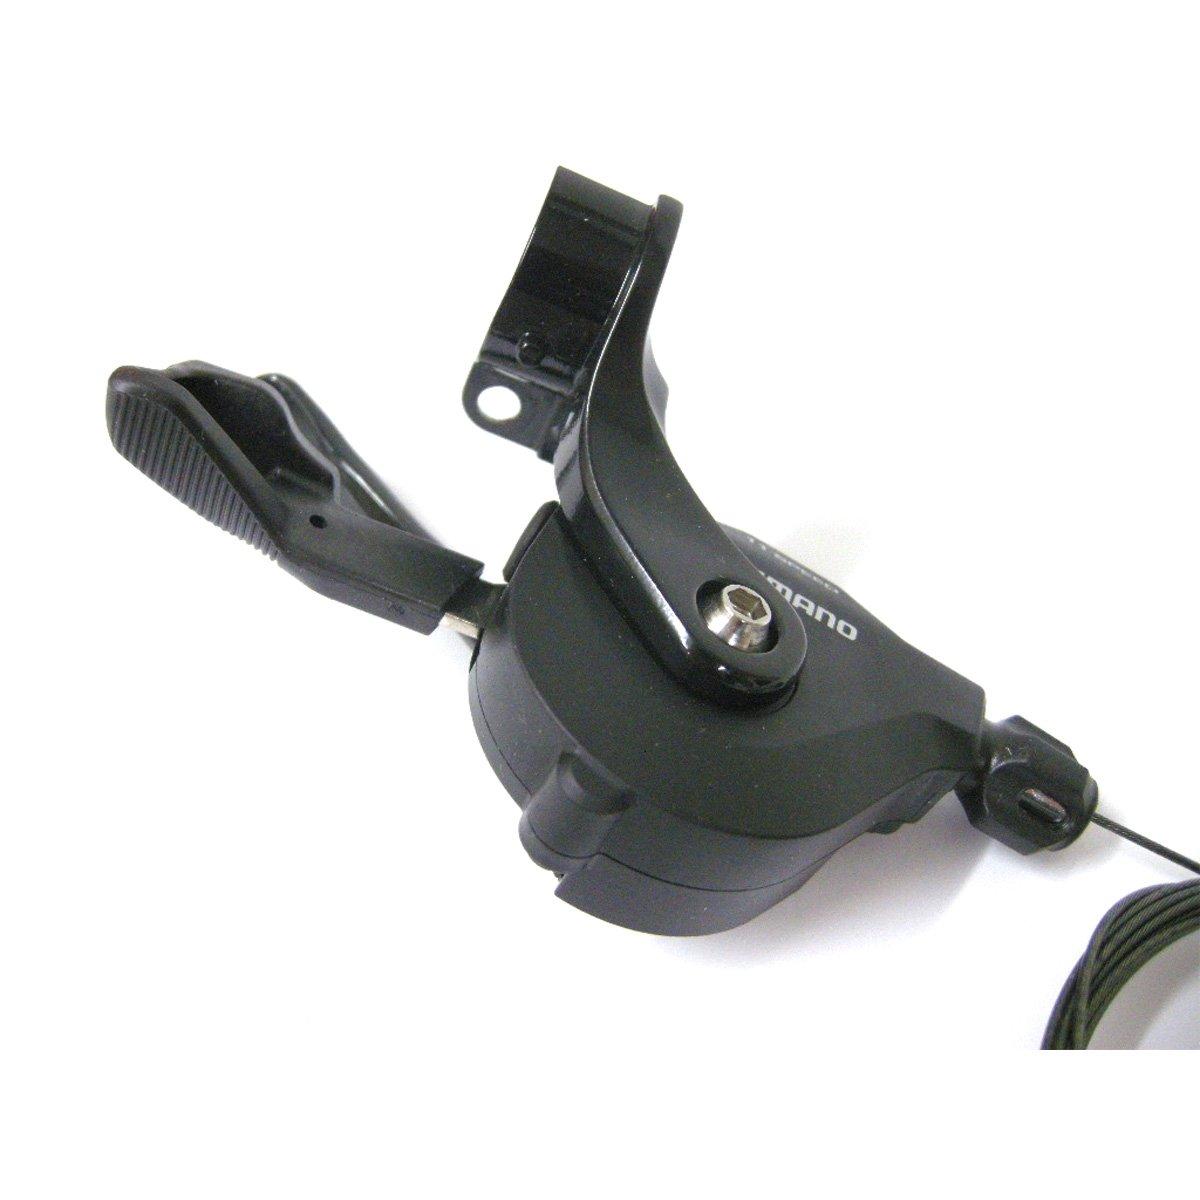 Shimanoフラットハンドルバーロード自転車シフトレバー – sl-rs700-i B076P2MGLTブラック RIGHT, 11-SPEED